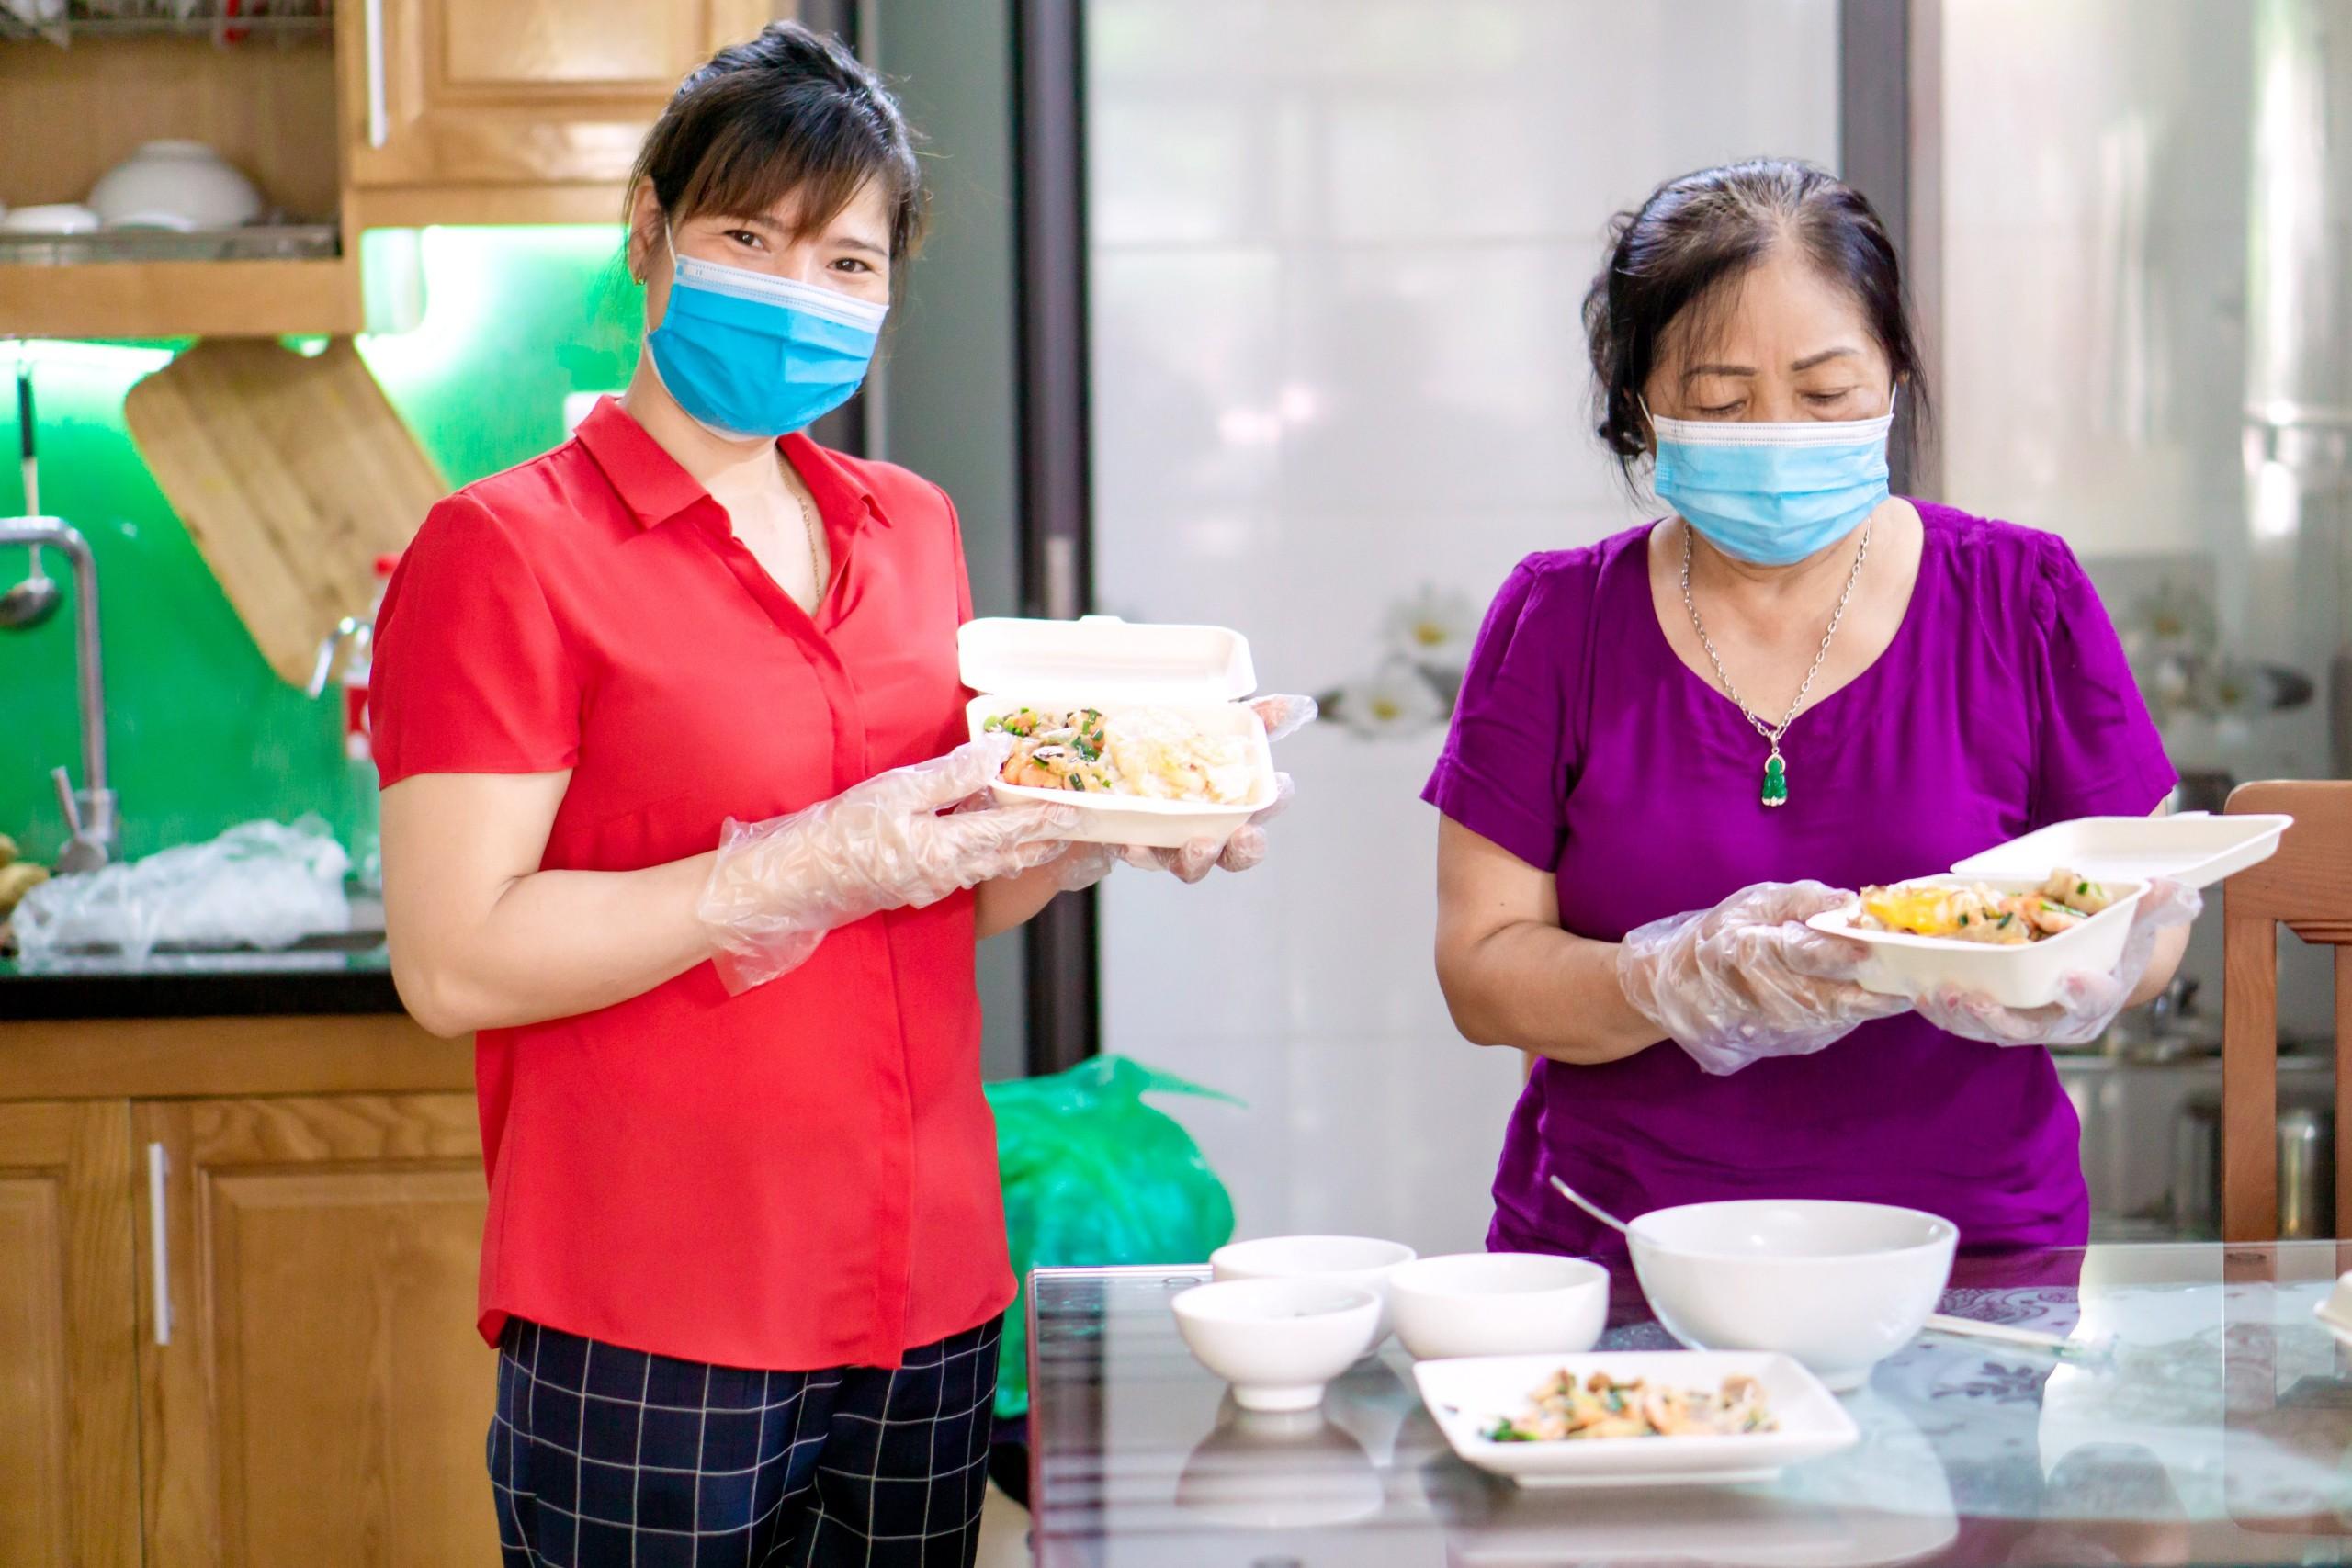 Cán bộ, hội viên Hội LHPN xã Tân Triều đảm nhận nhiệm vụ nấu ăn ngày ba bữa phục vụ lực lượng tham gia trực chốt tại khu tái định cư xóm Chùa trong 14 ngày cách ly